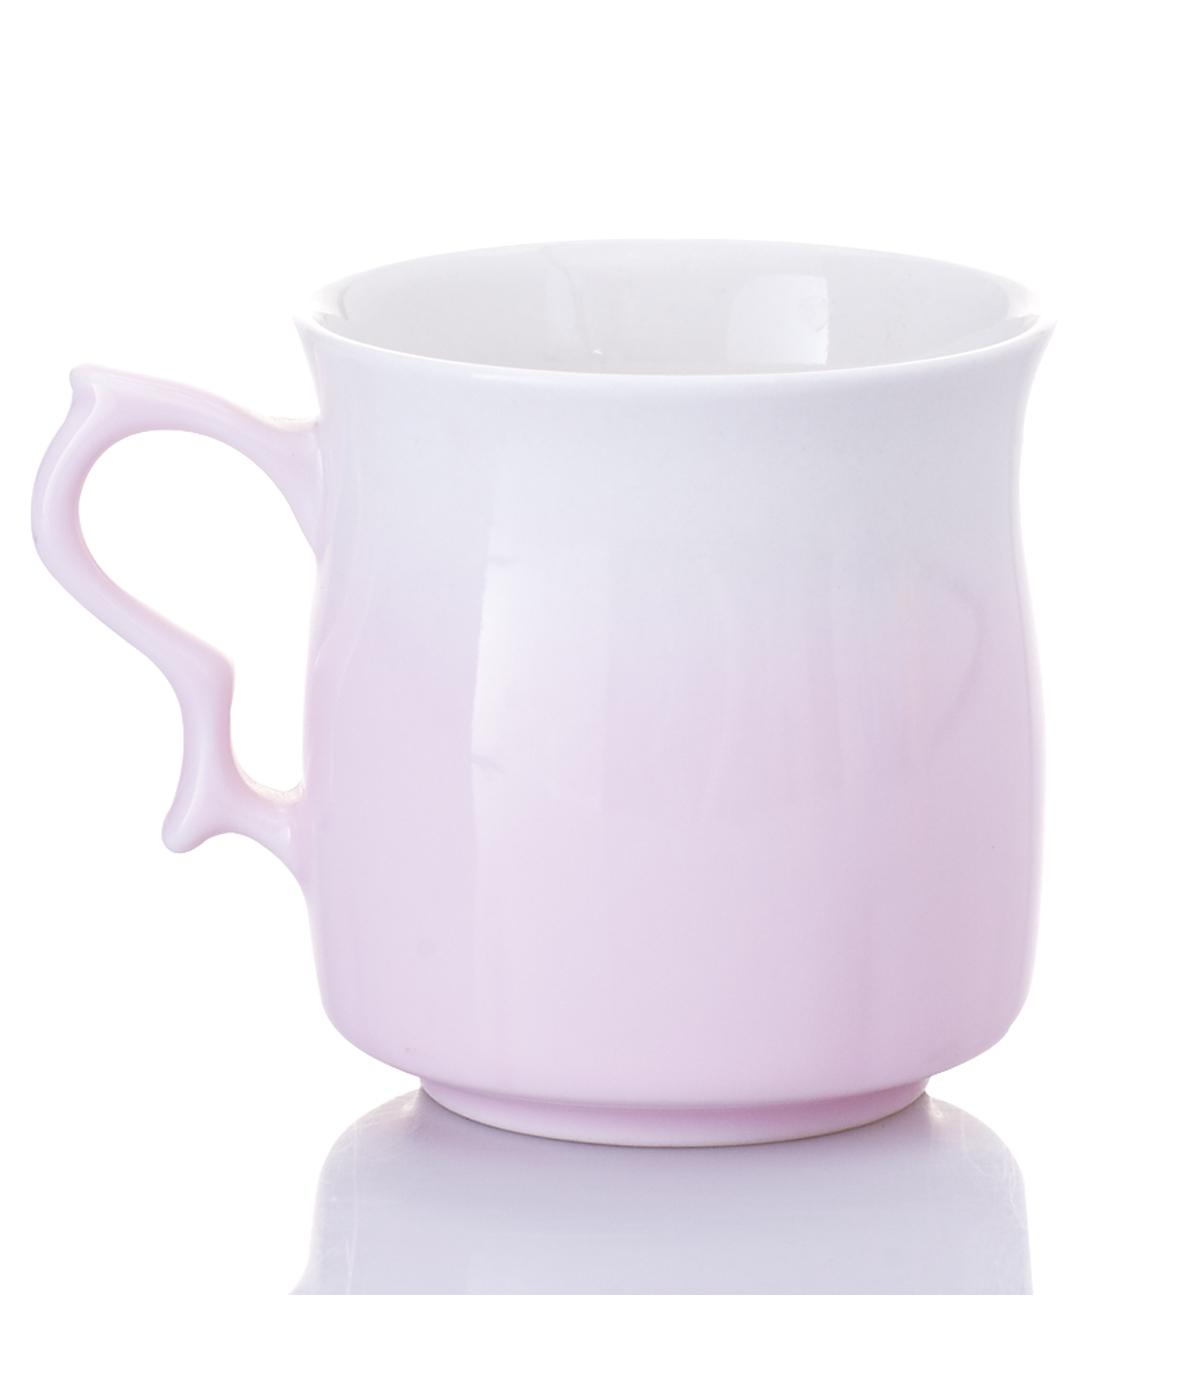 乾唐軒活瓷 ‧甜心杯 ( 白粉紅 )